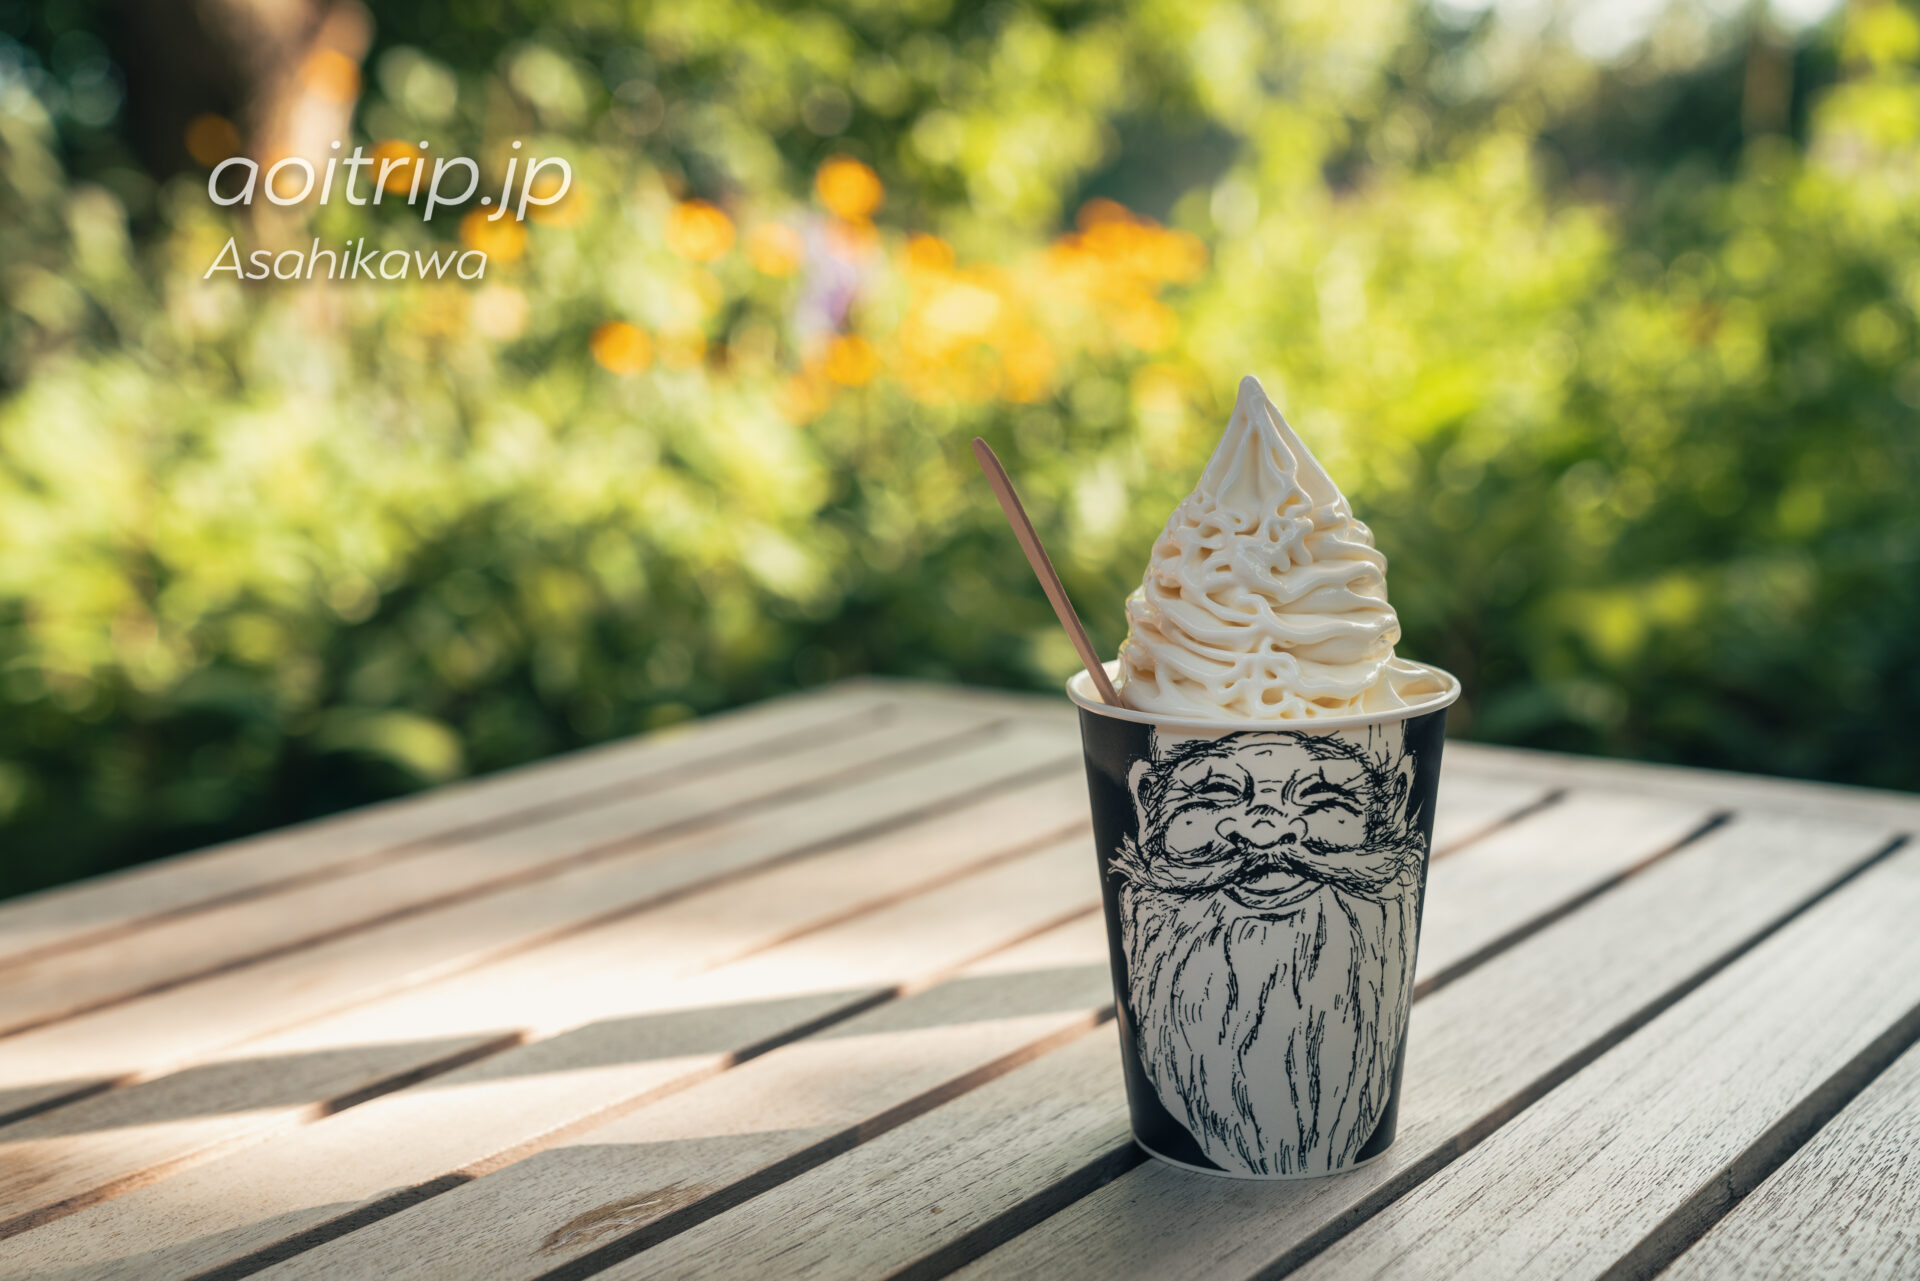 上野ファーム ナヤカフェの牛乳ソフトクリーム